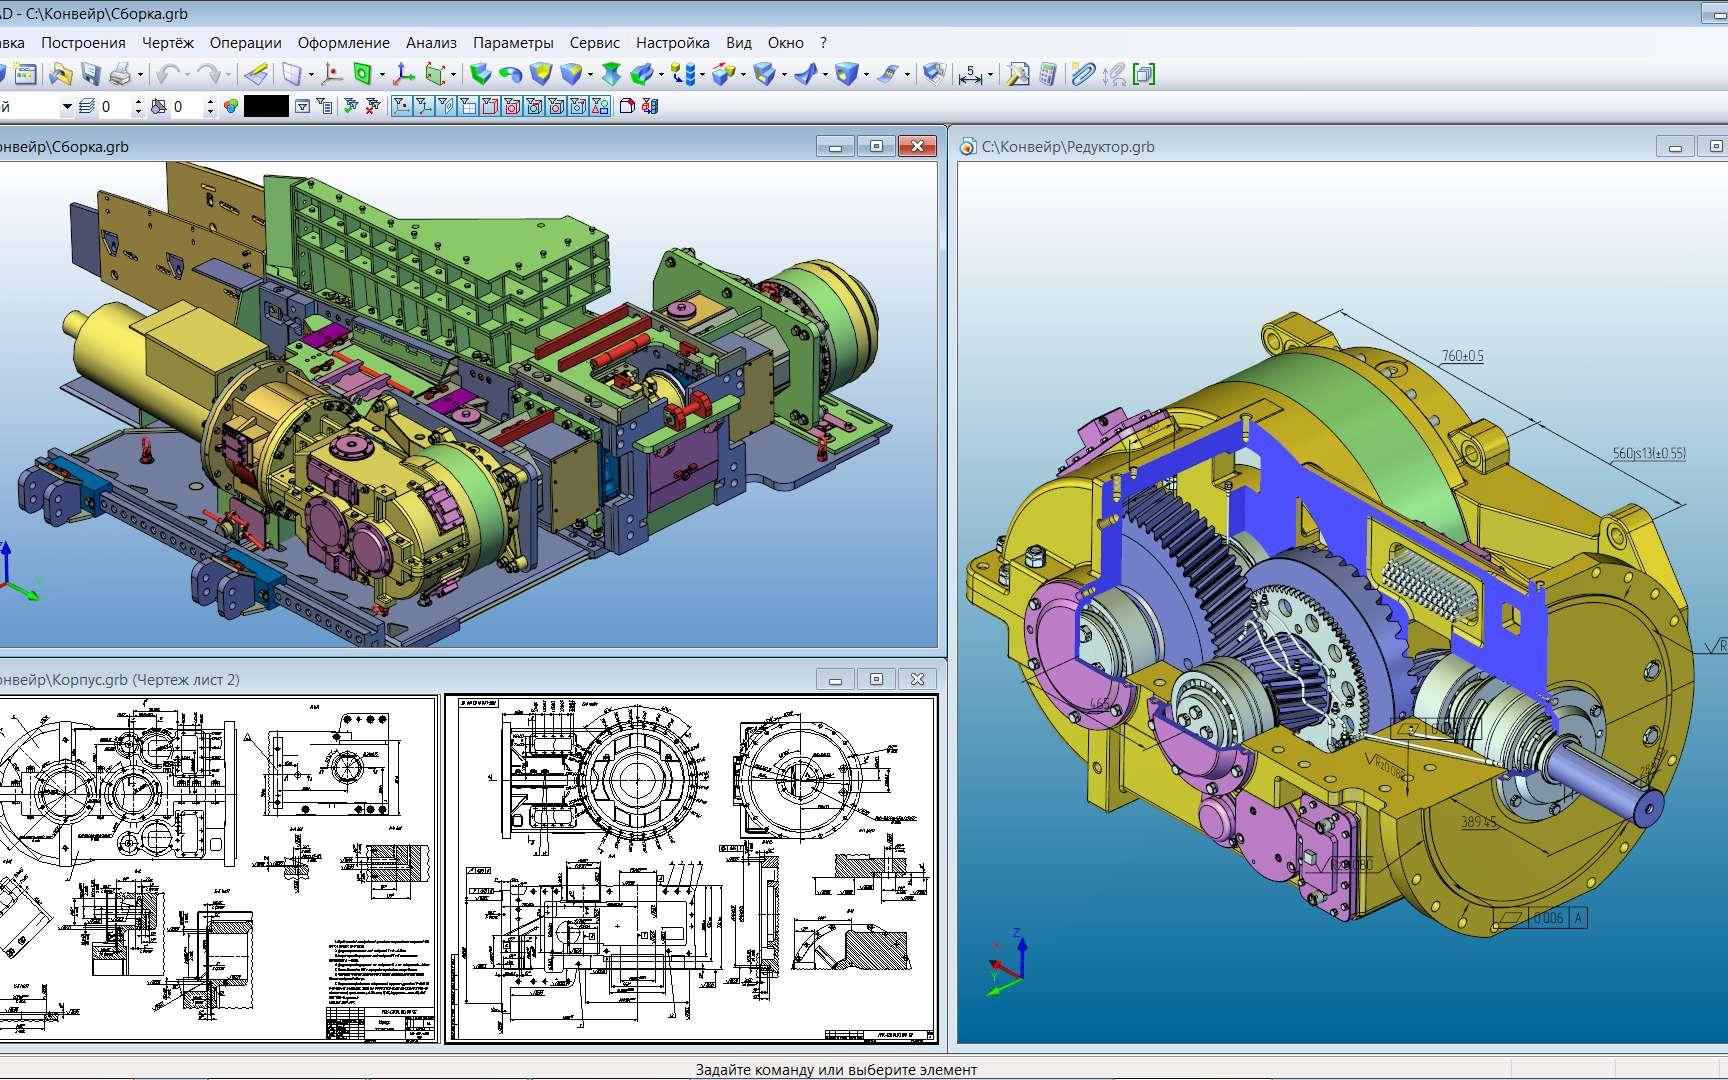 Exemple de conception assistée par ordinateur (CAO), à ne pas confondre avec le dessin assisté par ordinateur (DAO). © TopSystemsLTD, Wikimedia Commons, CC by-sa 3.0